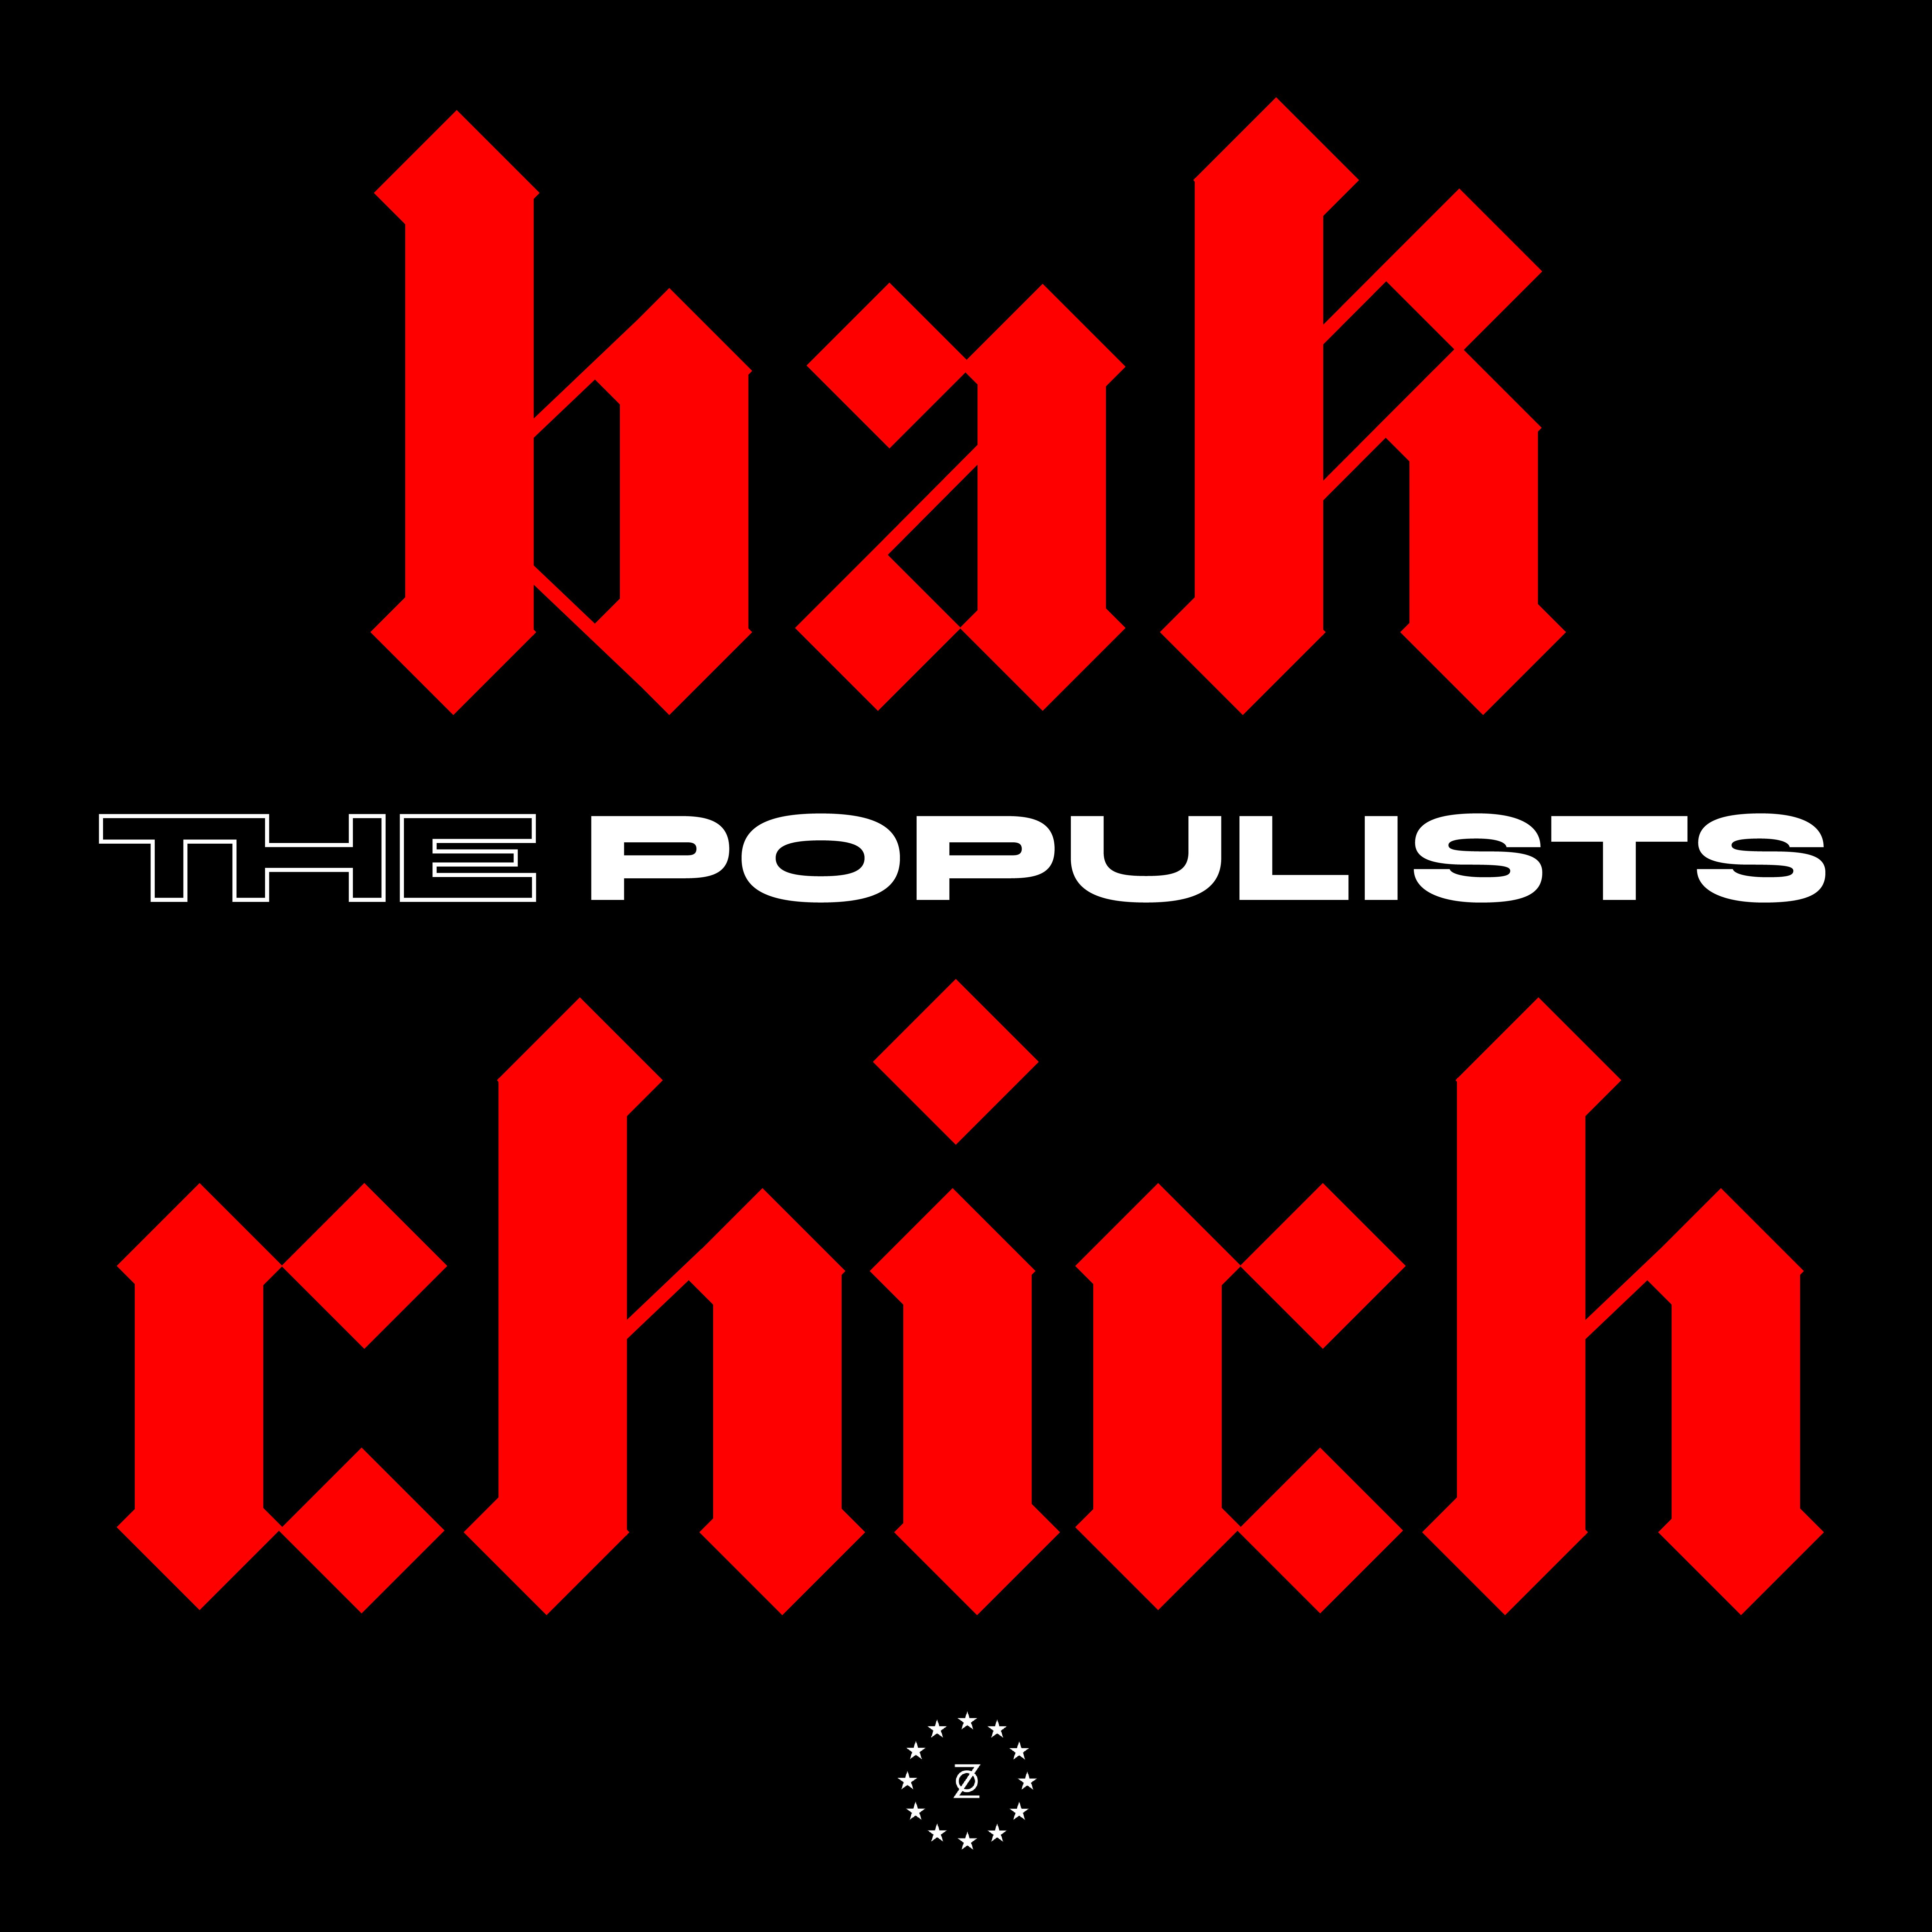 POPULISTS_FINALai-01